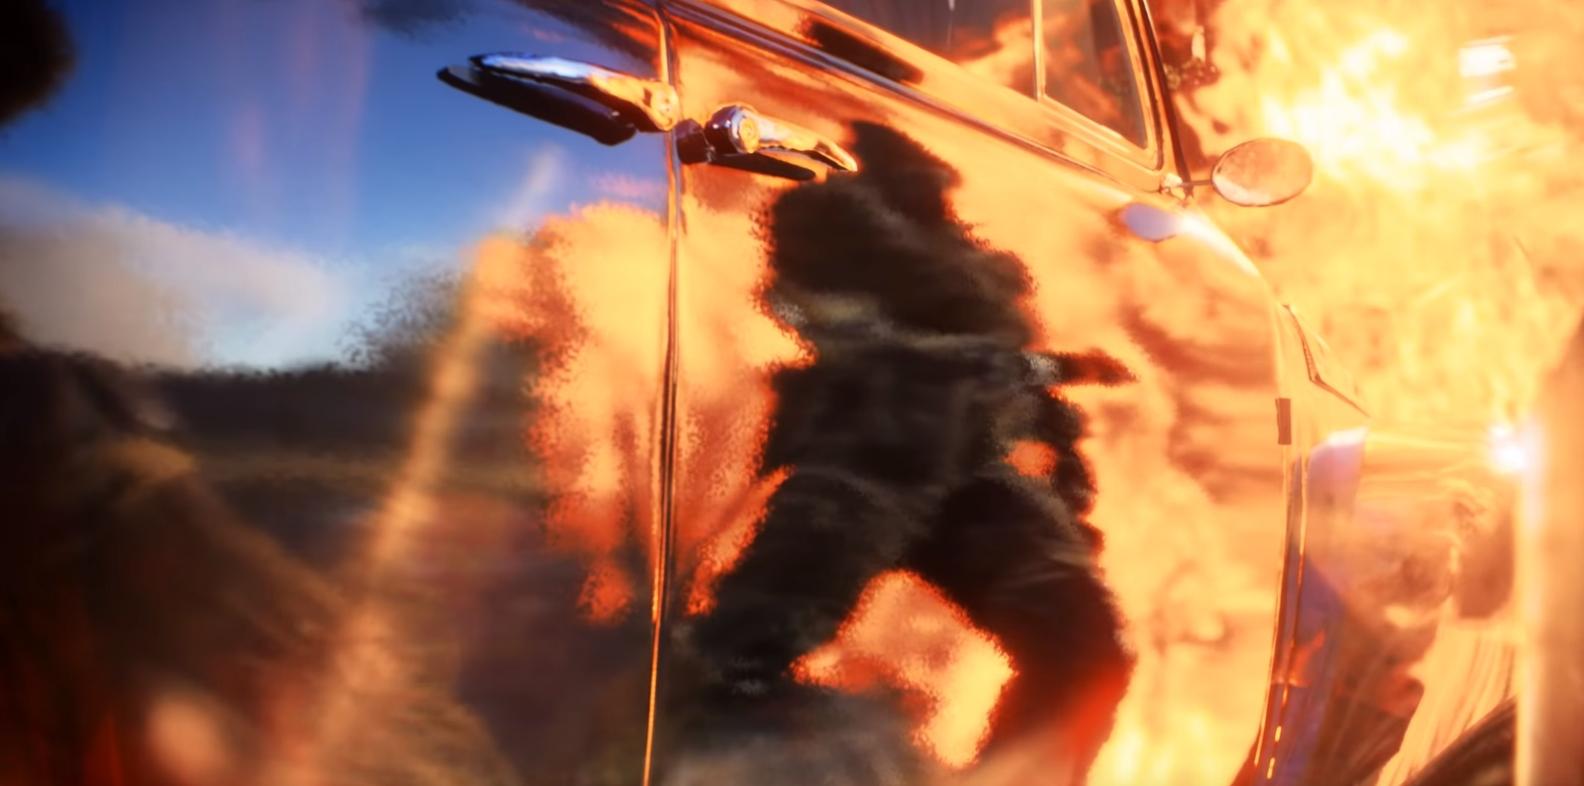 Slik er det å spille Battlefield med RTX og ray-tracing